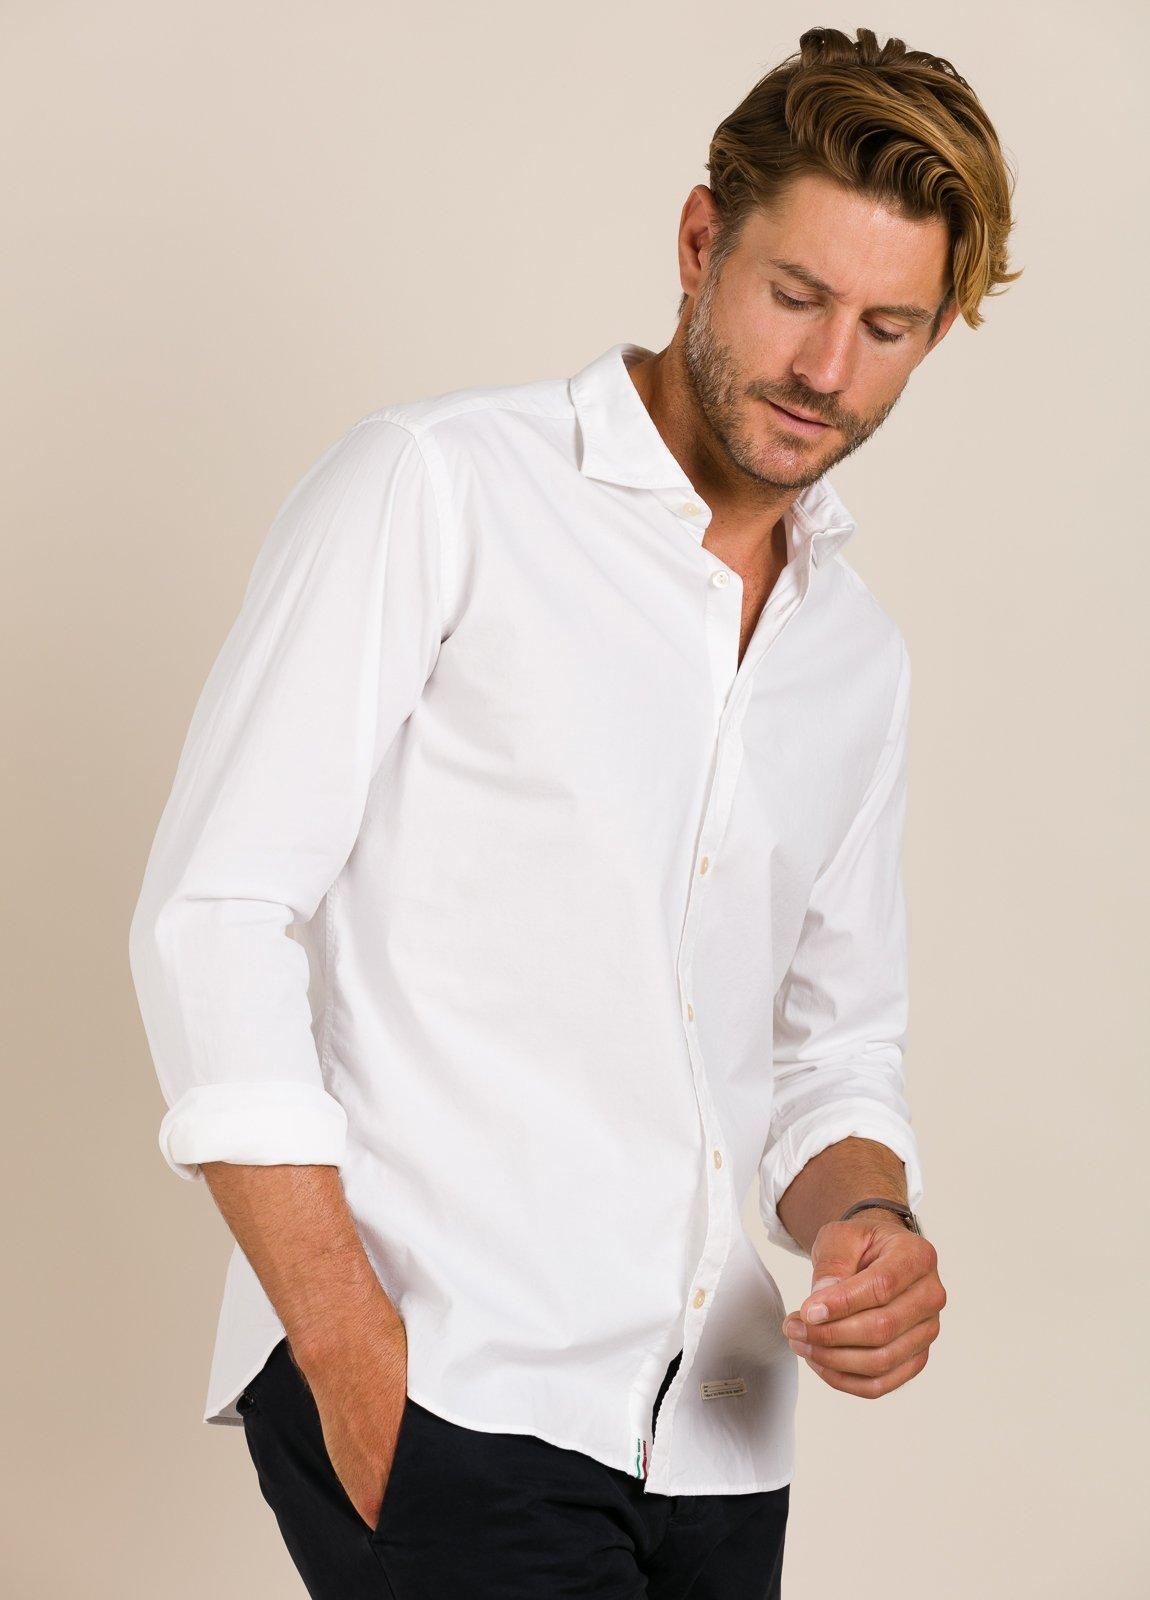 Camisa sport TINTORIA MATEI lisa blanca - Ítem2